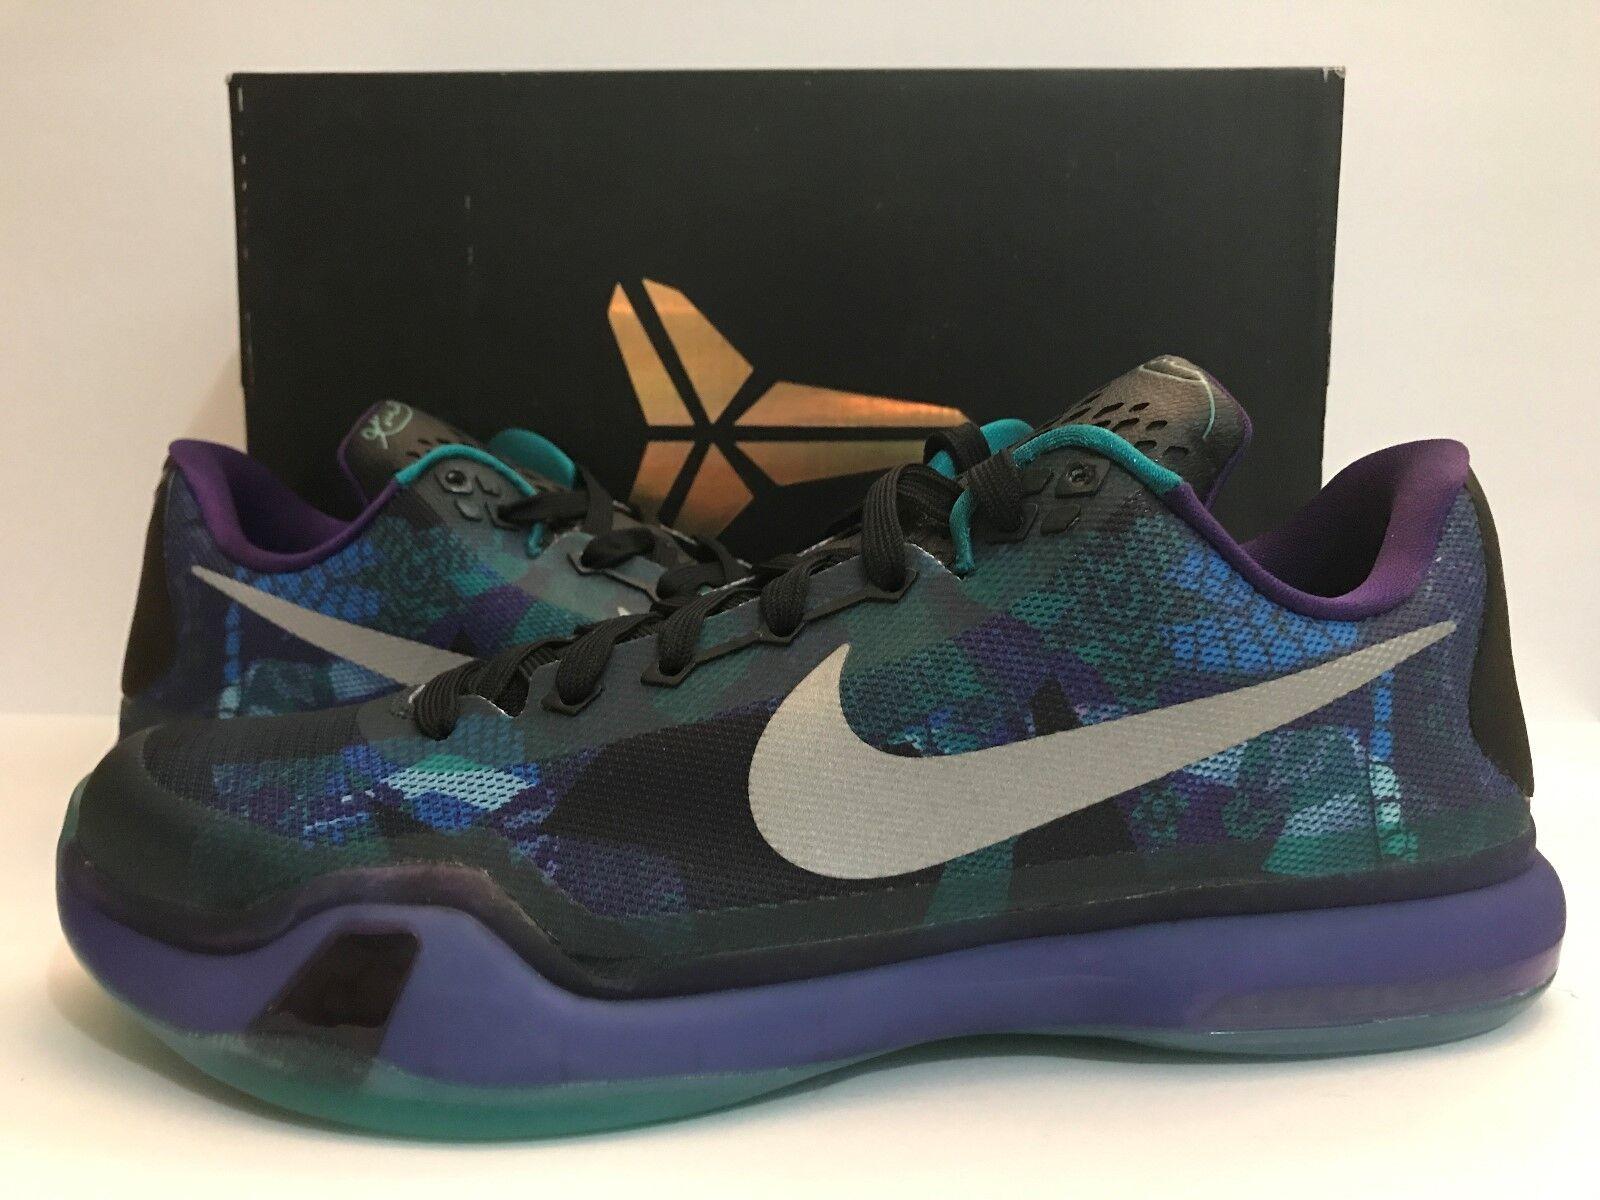 Nike Kobe X Overcome 705317-305 Sz 12